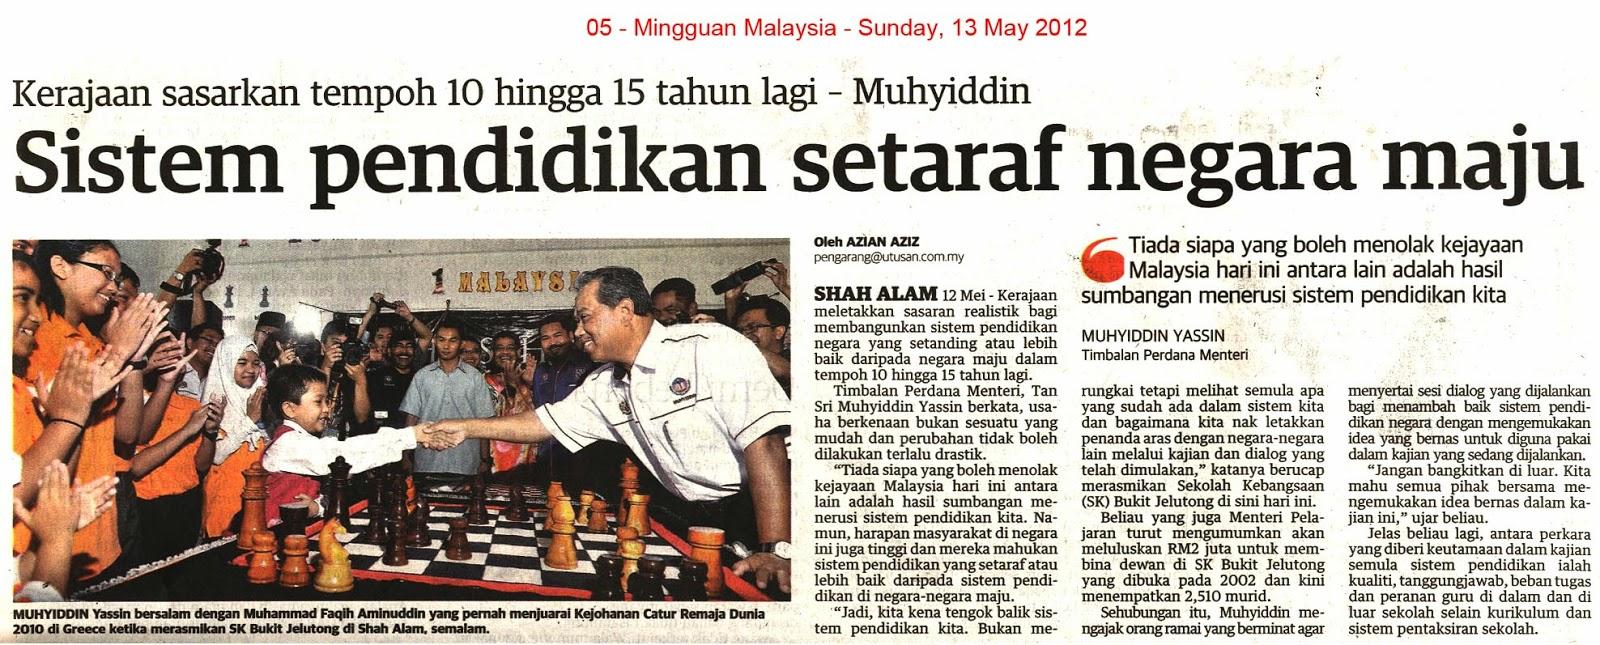 Kejayaan Malaysia Dalam Bidang Pendidikan Mempromosikan Malaysia